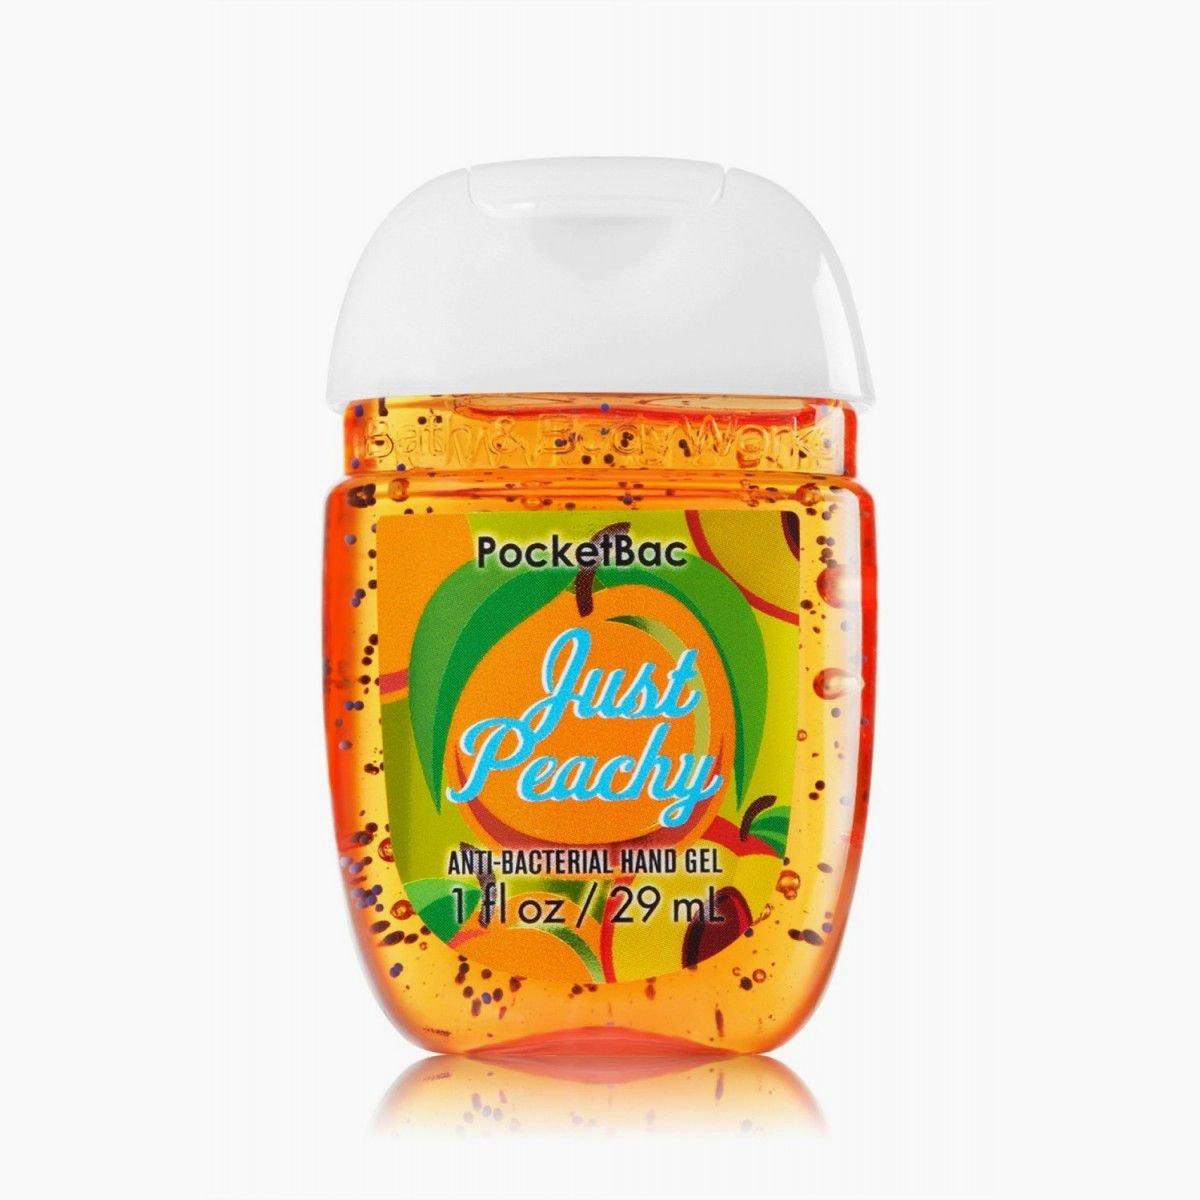 Bath & Body Works PocketBac Hand Gel Sanitizer Just Peachy